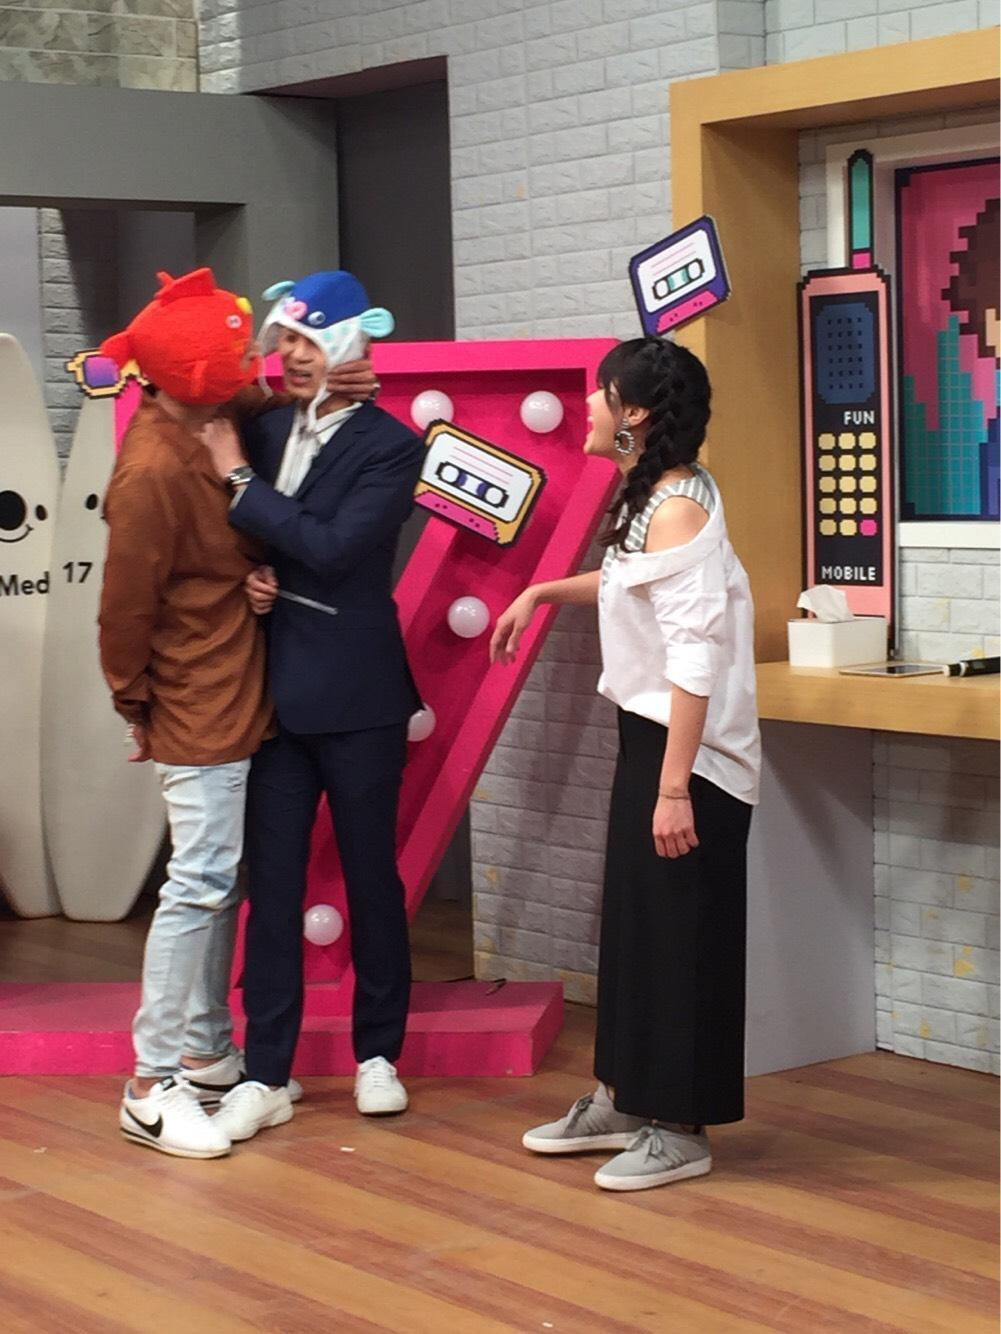 鄭人碩(左)與張書偉(中)互傳小魚干好像在接吻。(17Media提供)